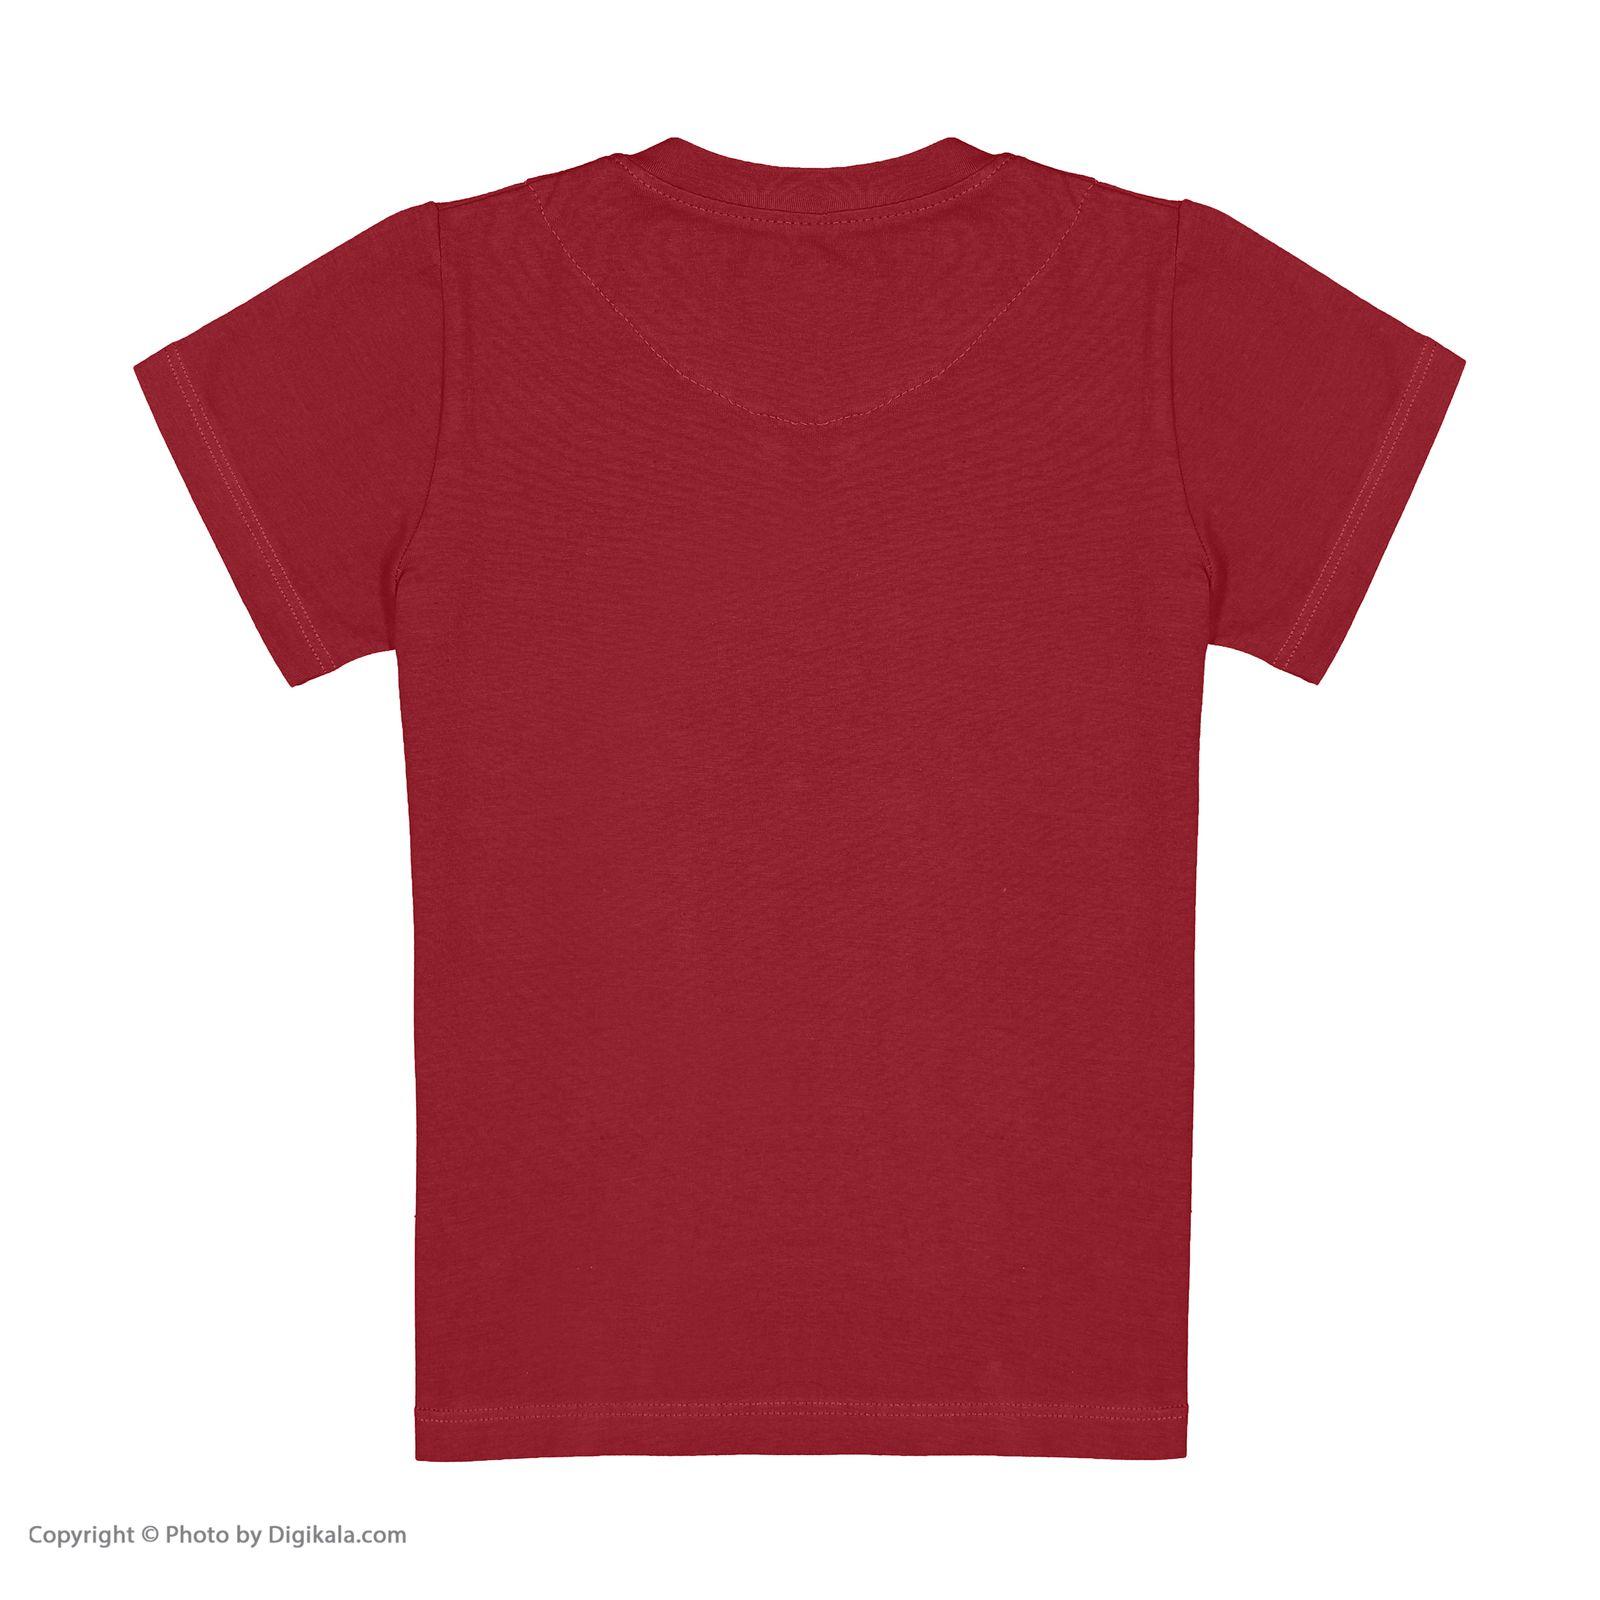 ست تی شرت و شلوارک پسرانه مادر مدل 421-70 -  - 5